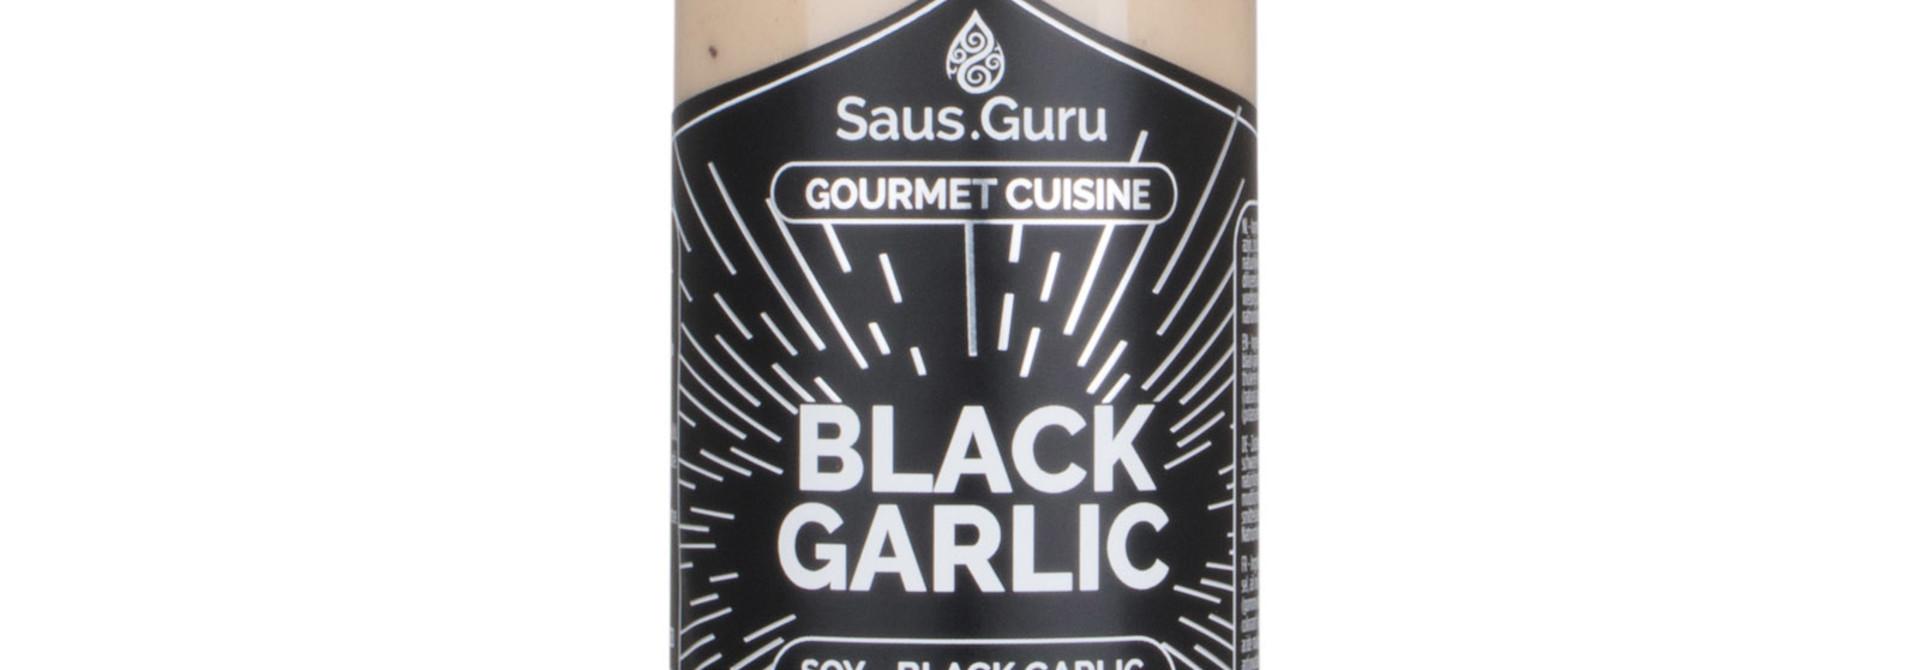 Saus.Guru's Black Garlic